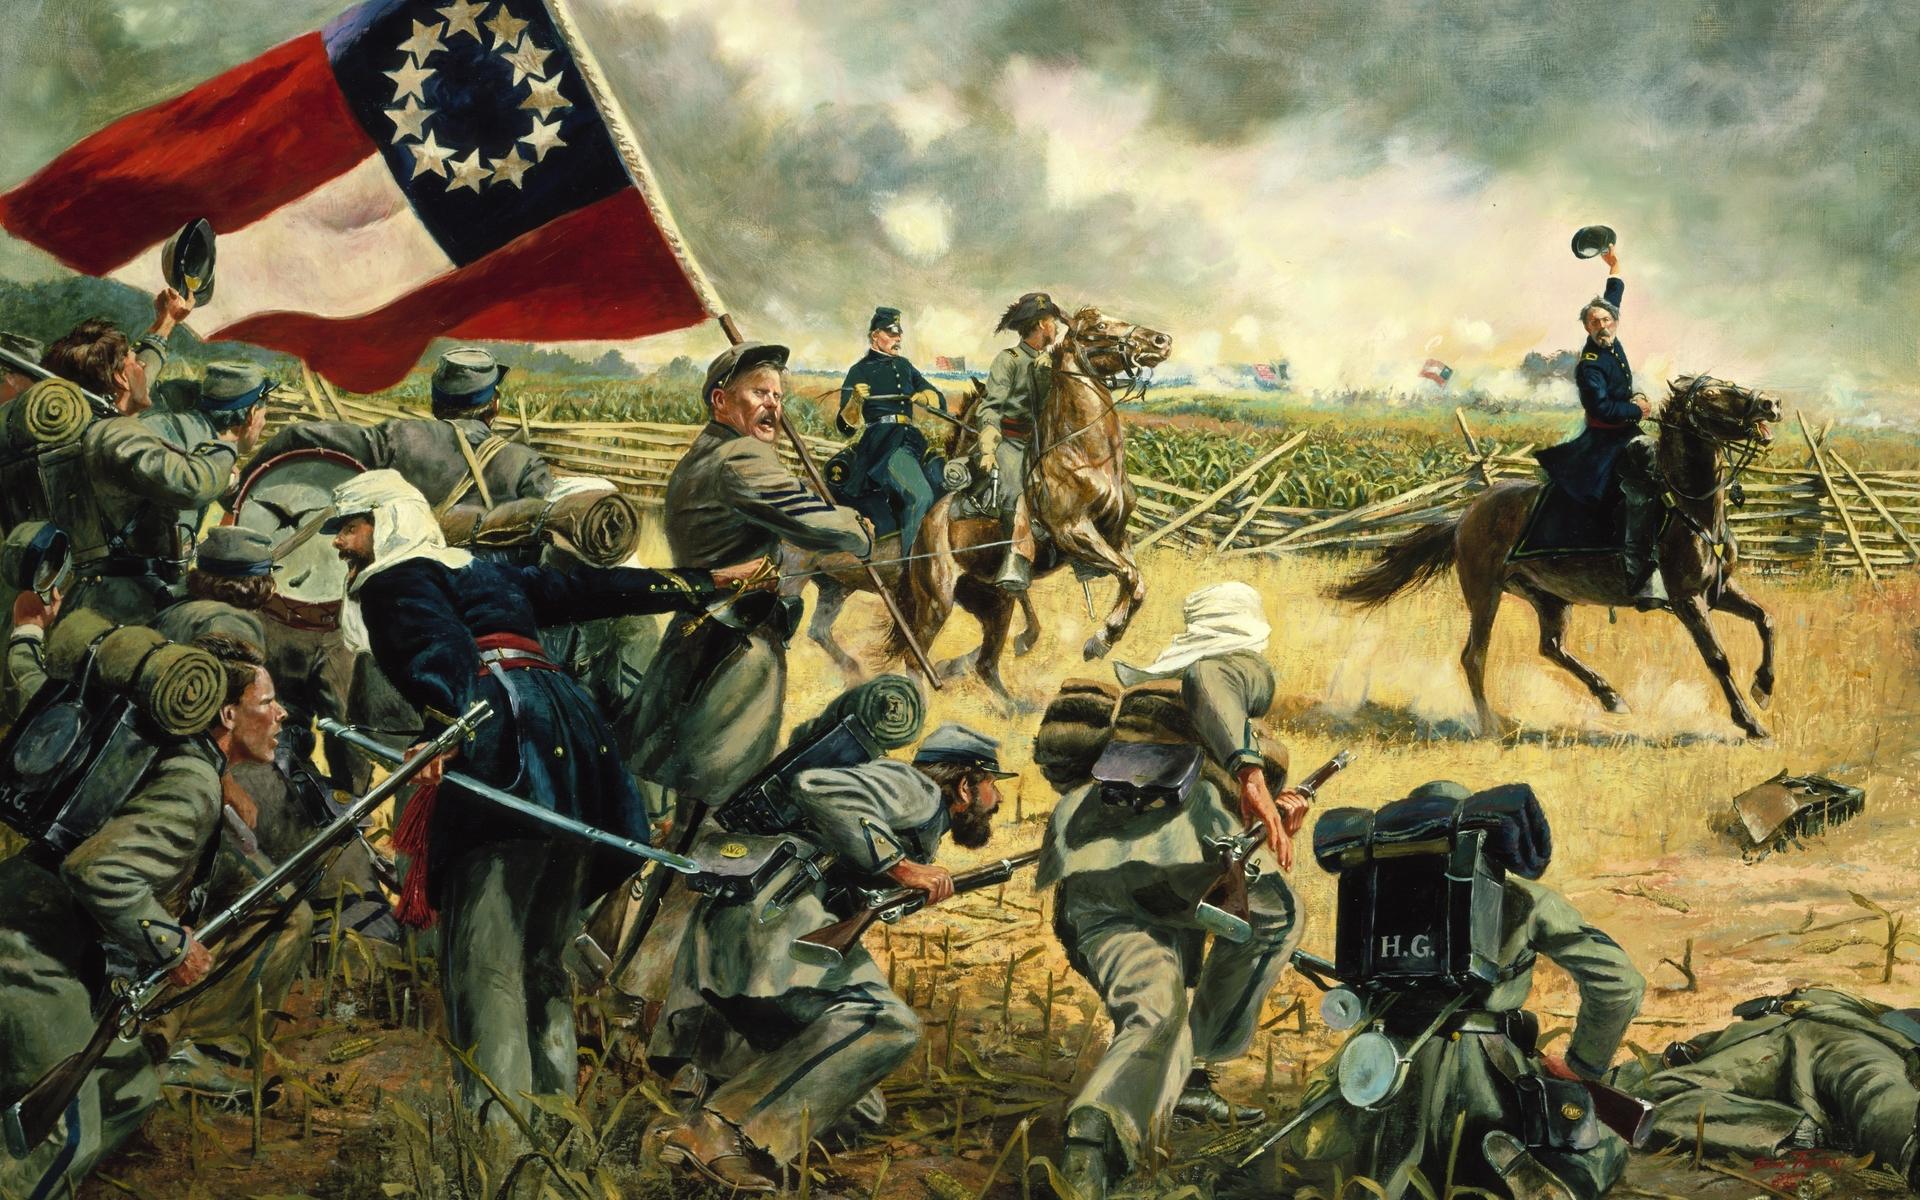 Après Game of Thrones, les créateurs de la série s'attaquent à Confederate